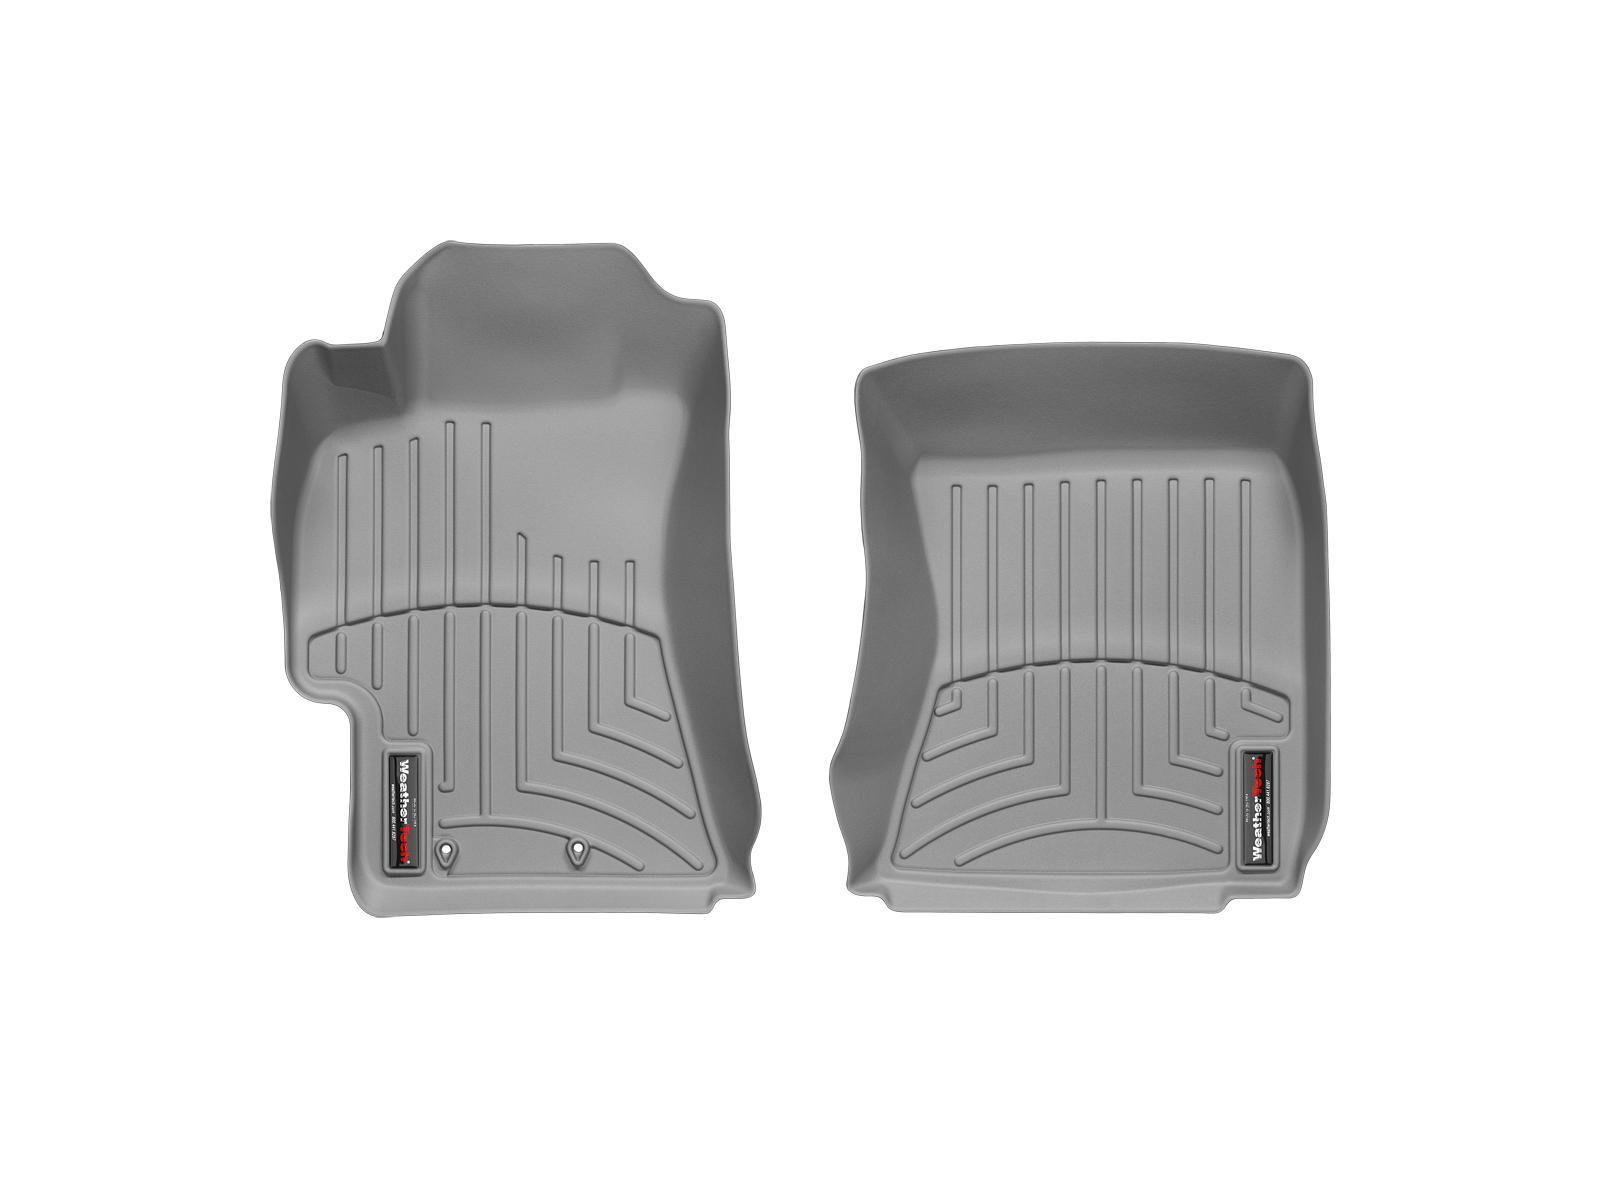 Tappeti gomma su misura bordo alto Subaru Impreza WRX STi 07>07 Grigio A3455